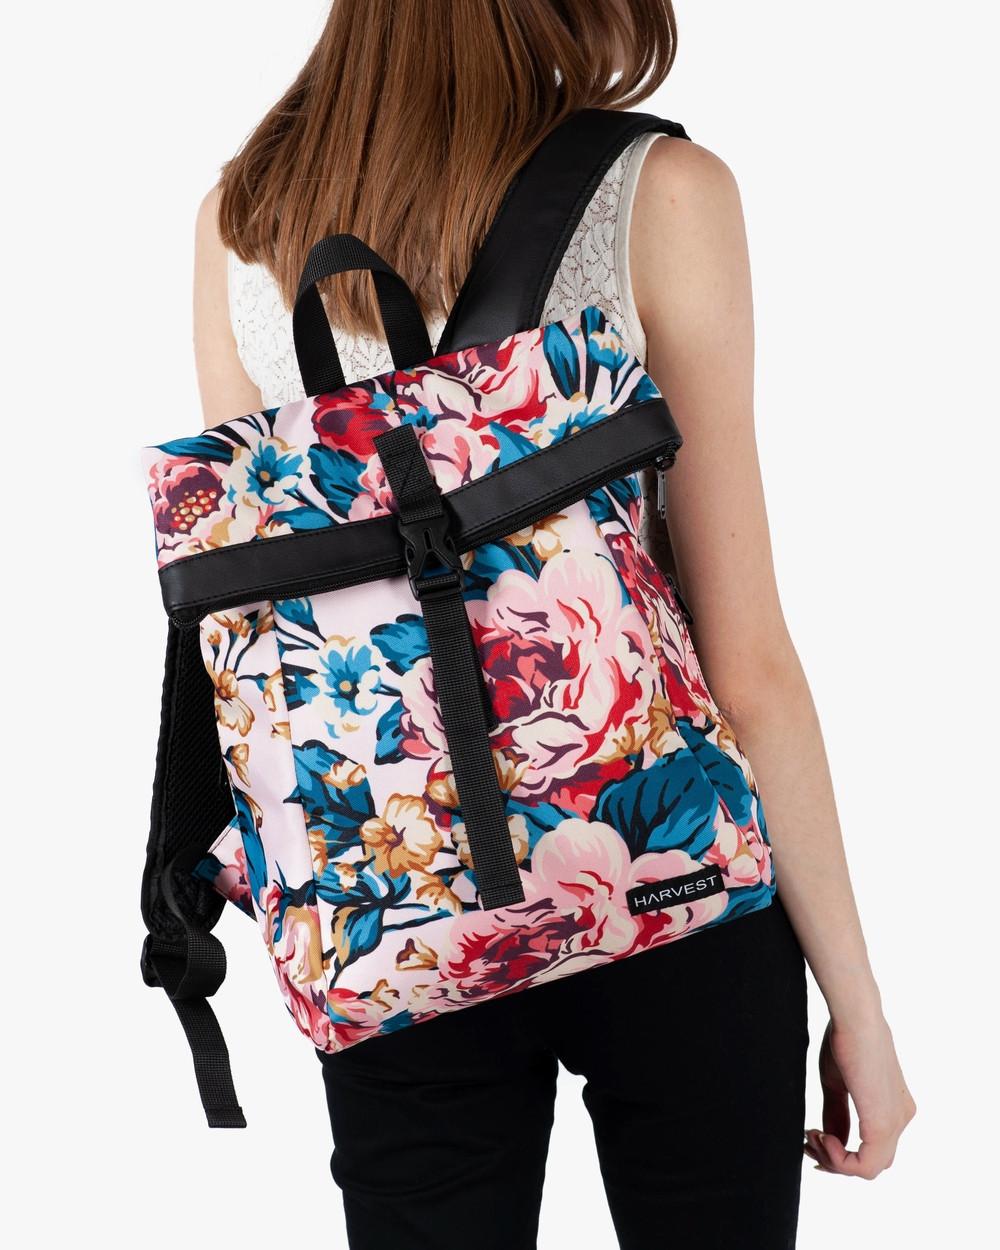 """Женский рюкзак """"ROLL MINI"""" на 18л, принт пинк флорал, полиэстер, сумка для нетбука или планшета, повседневный"""